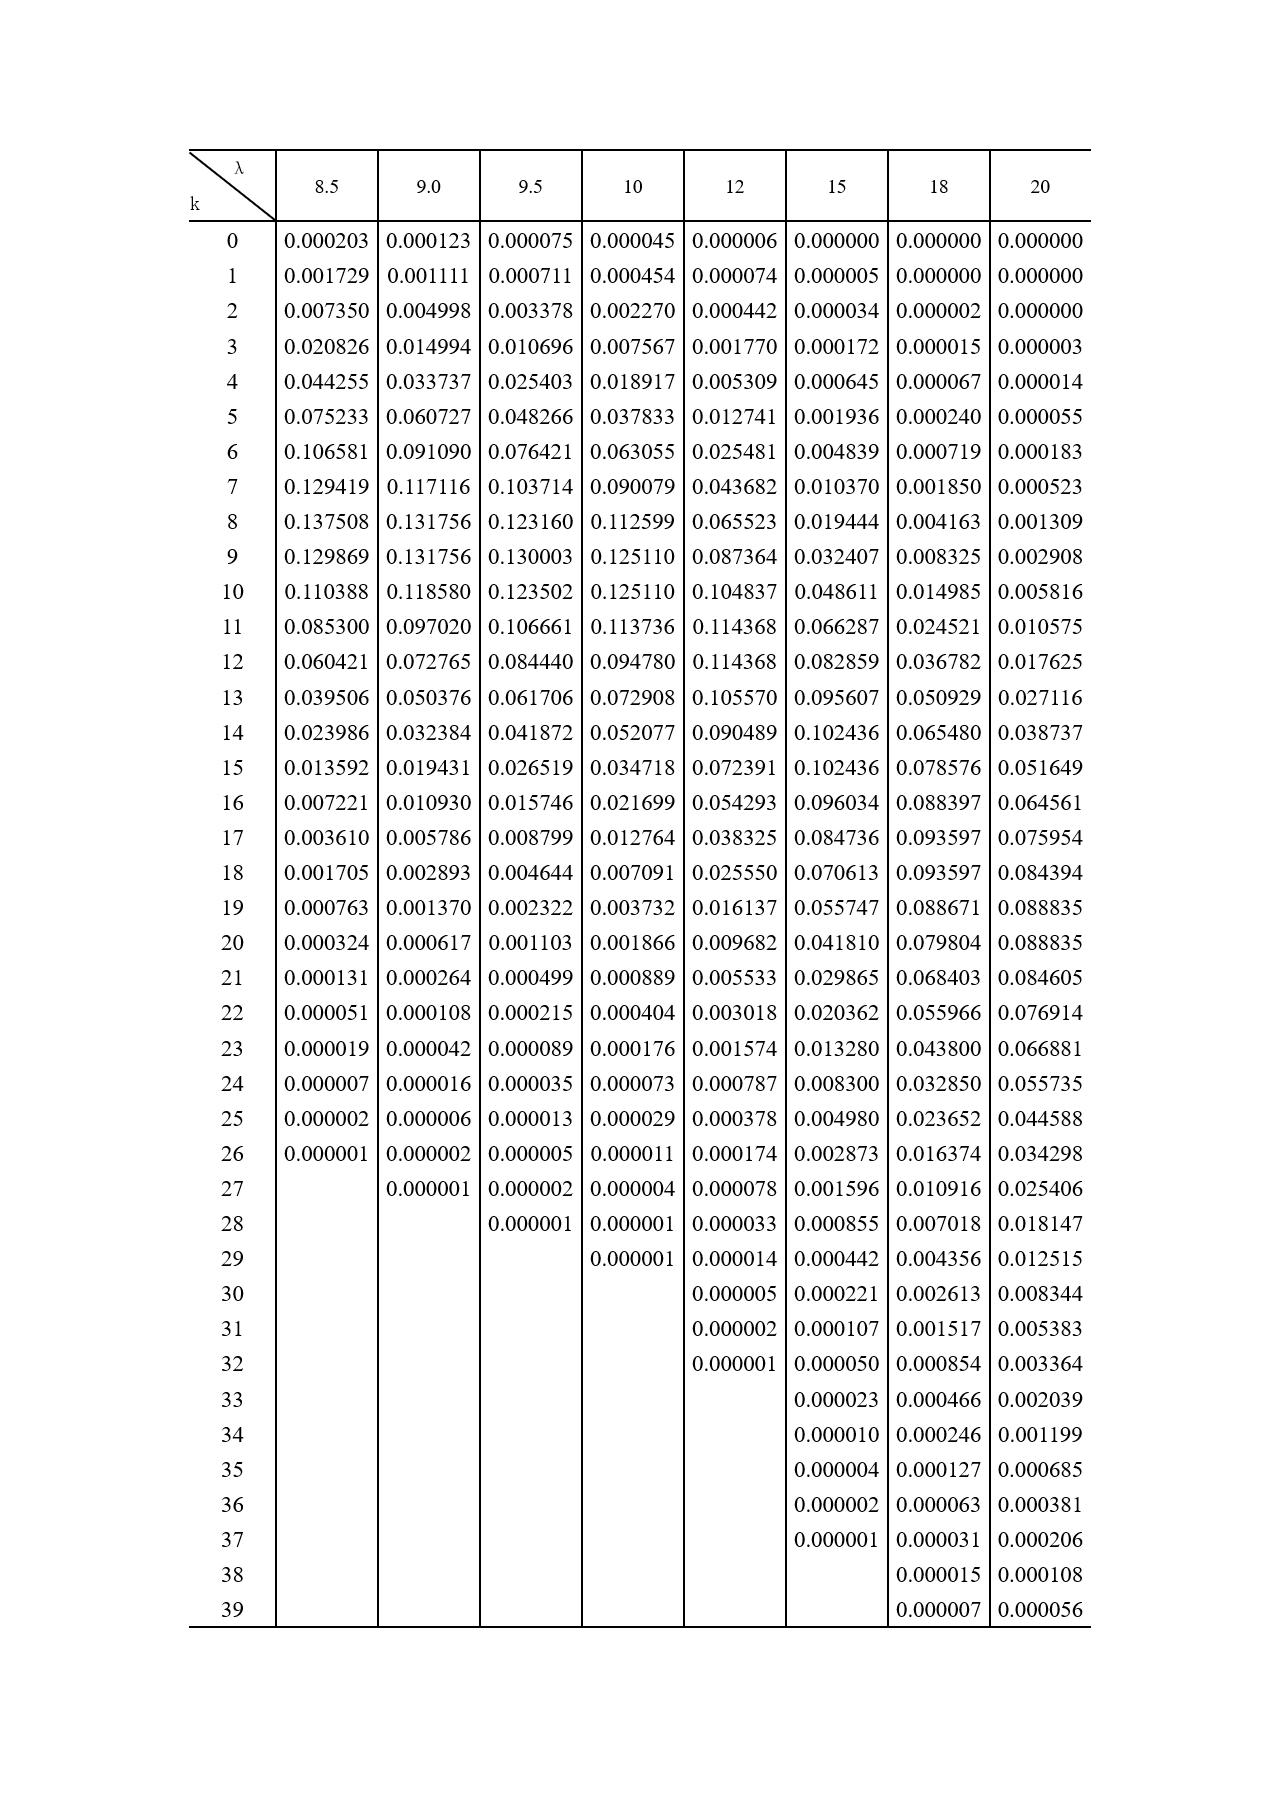 泊松分布表所有图表集合